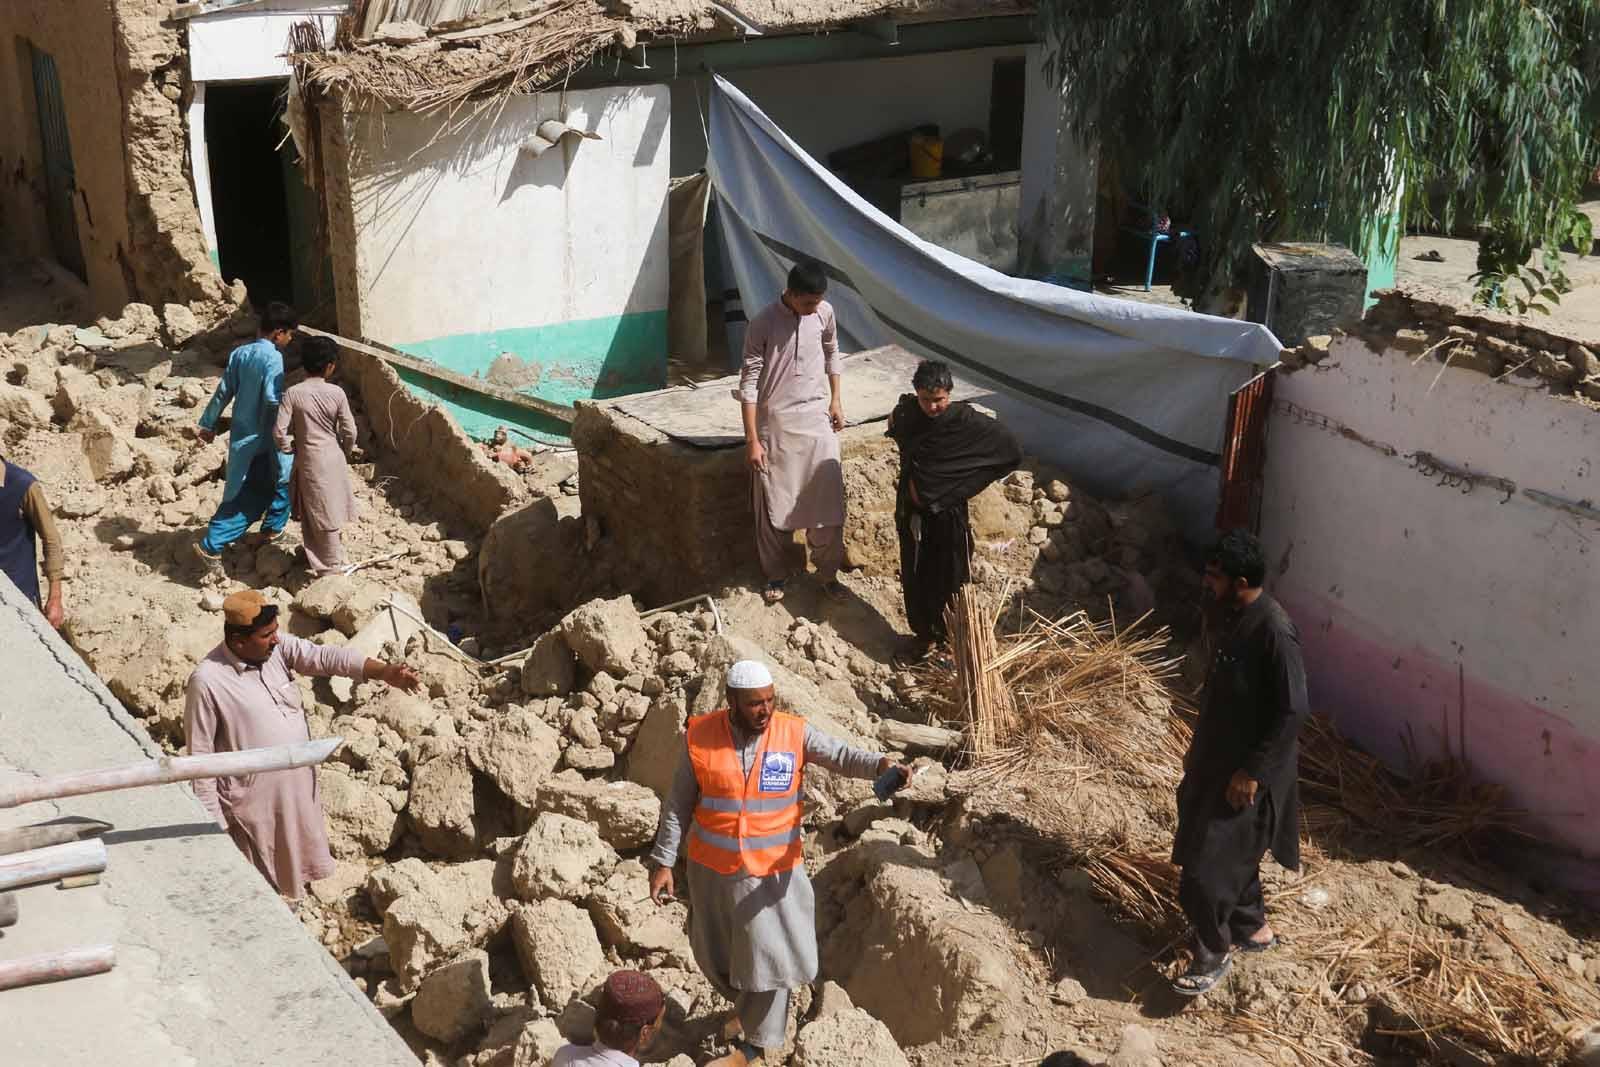 بلوچستان جي مختلف علائقن ۾شديد زلزلي جي نتيجي ۾  20 فوت، 300 کان وڌيڪ زخمي ٿي پيا